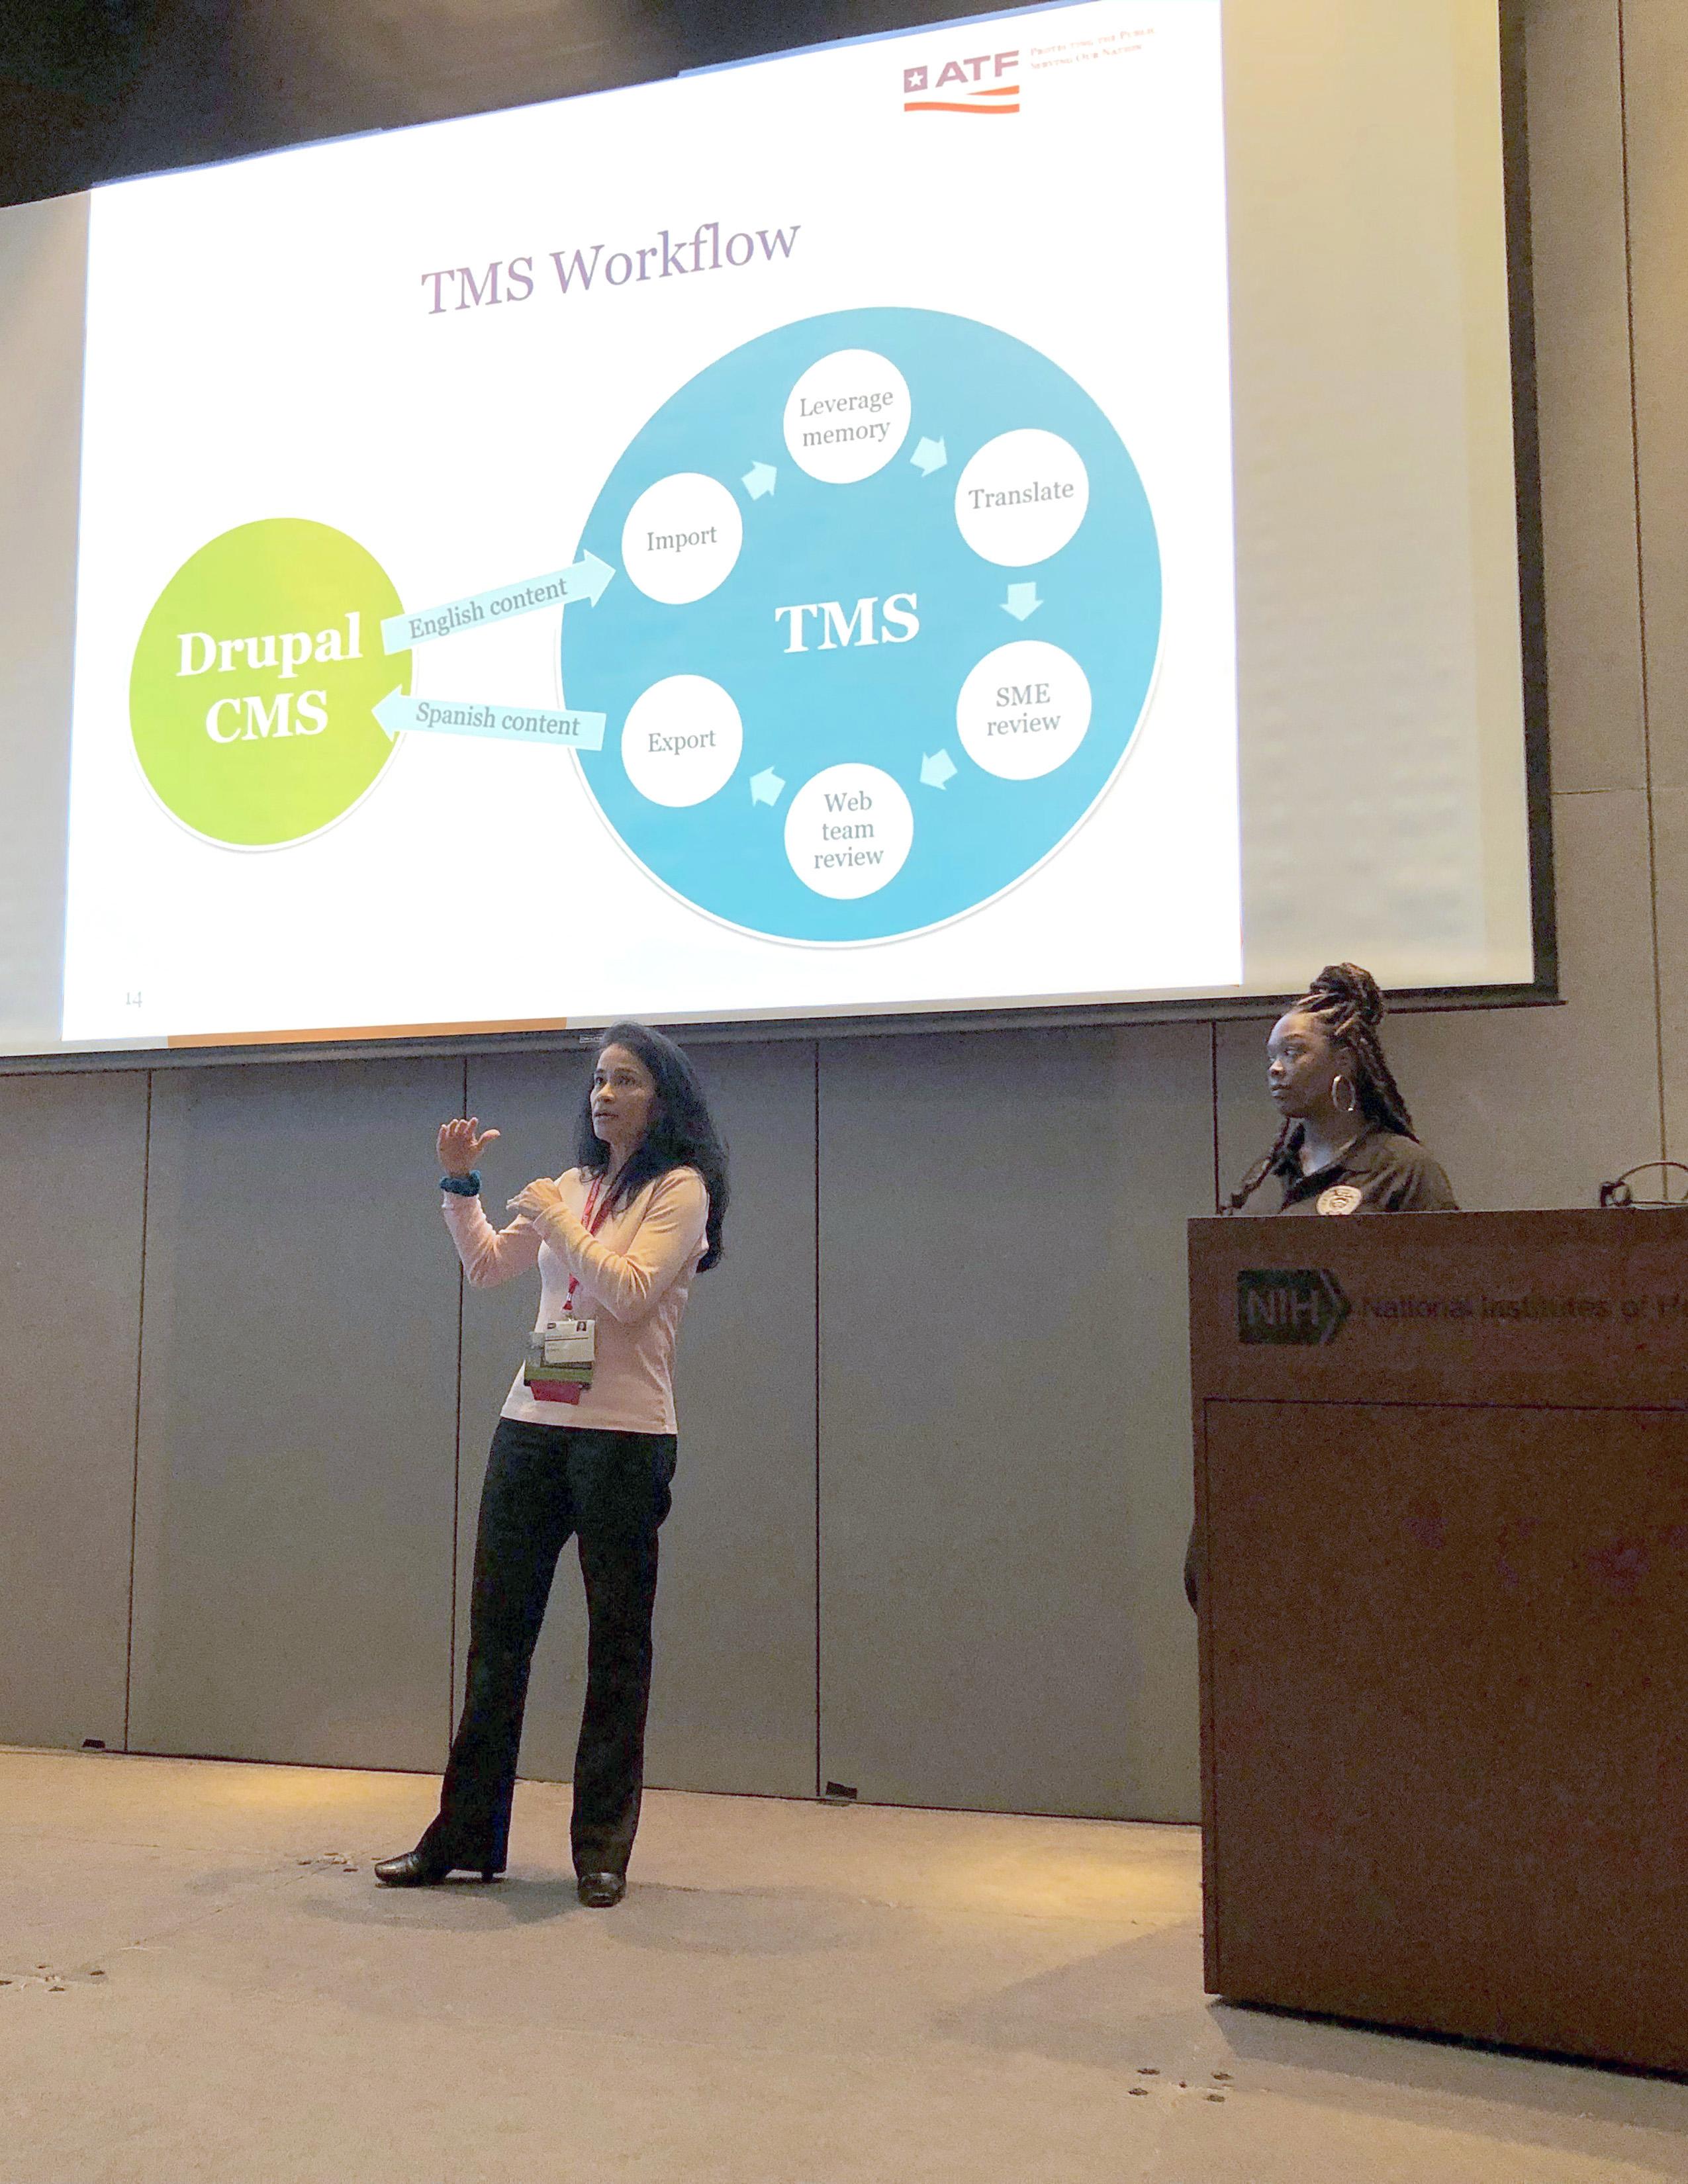 Mayela J. y NeKeisha P. hablan sobre el sitio de ATF en español frente al público en Drupal GovCon.